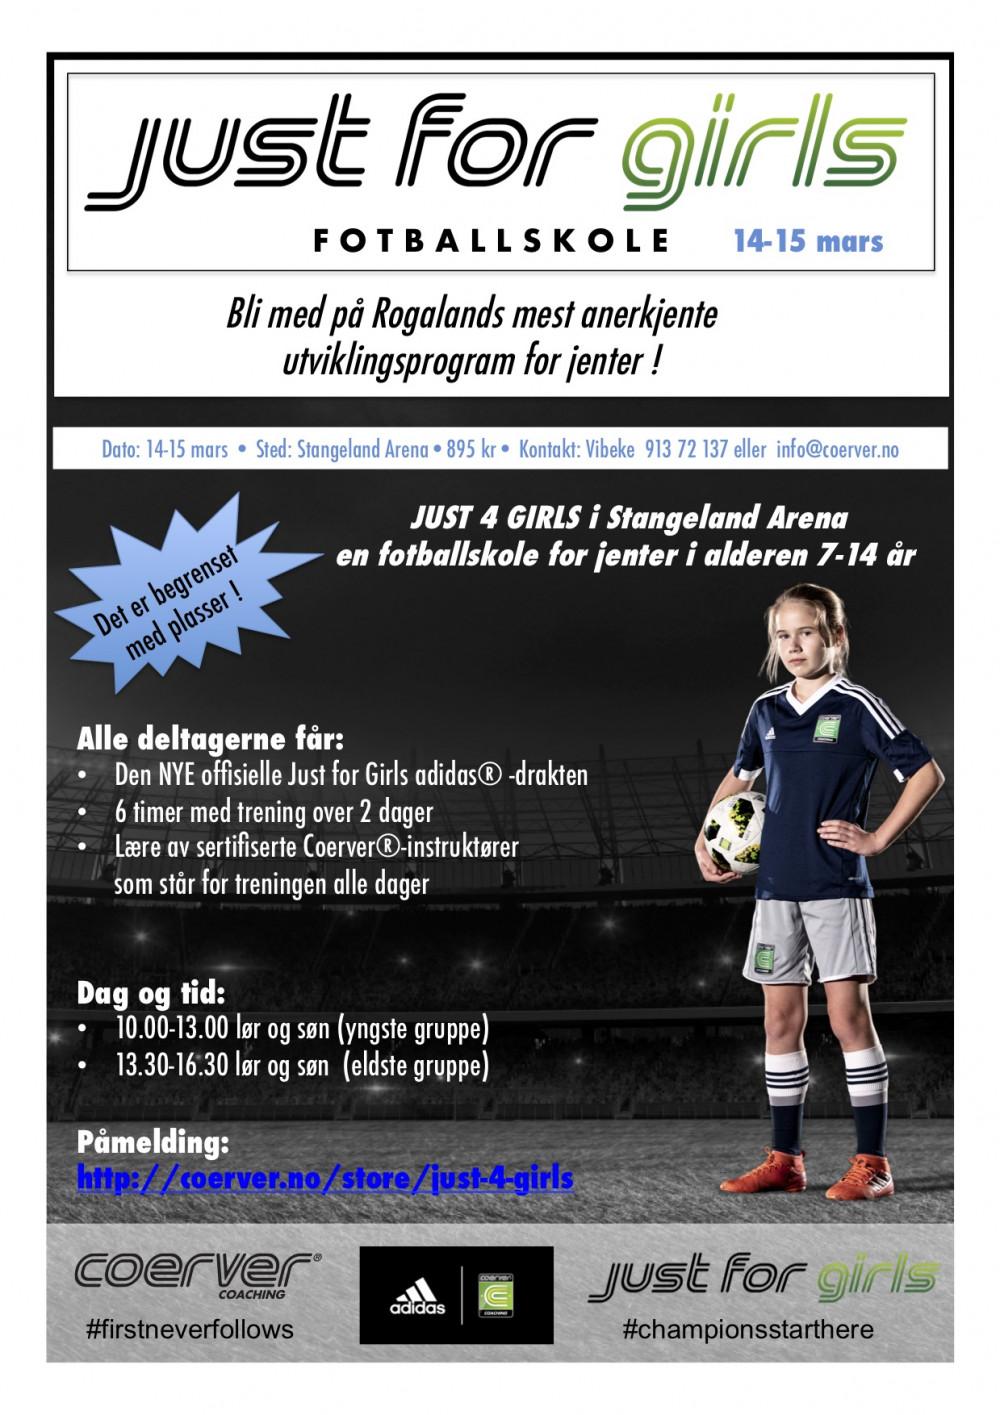 Just 4 Girls - Stangeland Arena 14-15 mars